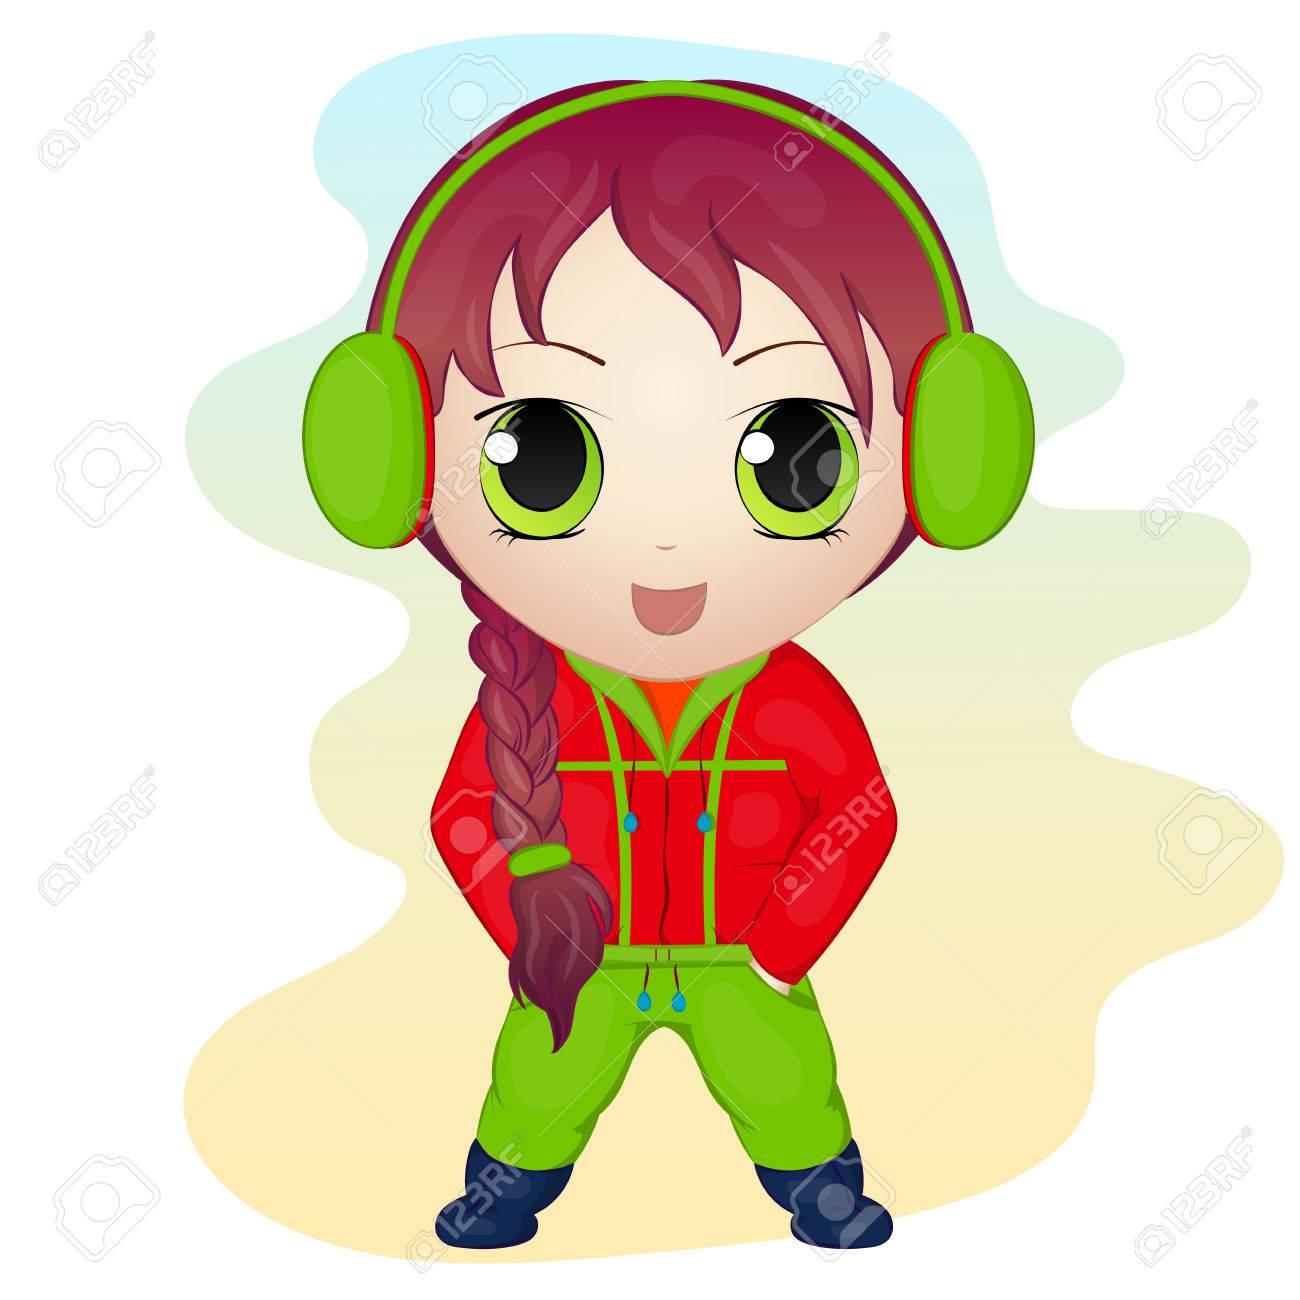 Anime cute chibi petite fille qui porte des coquilles style simple de bande dessinée